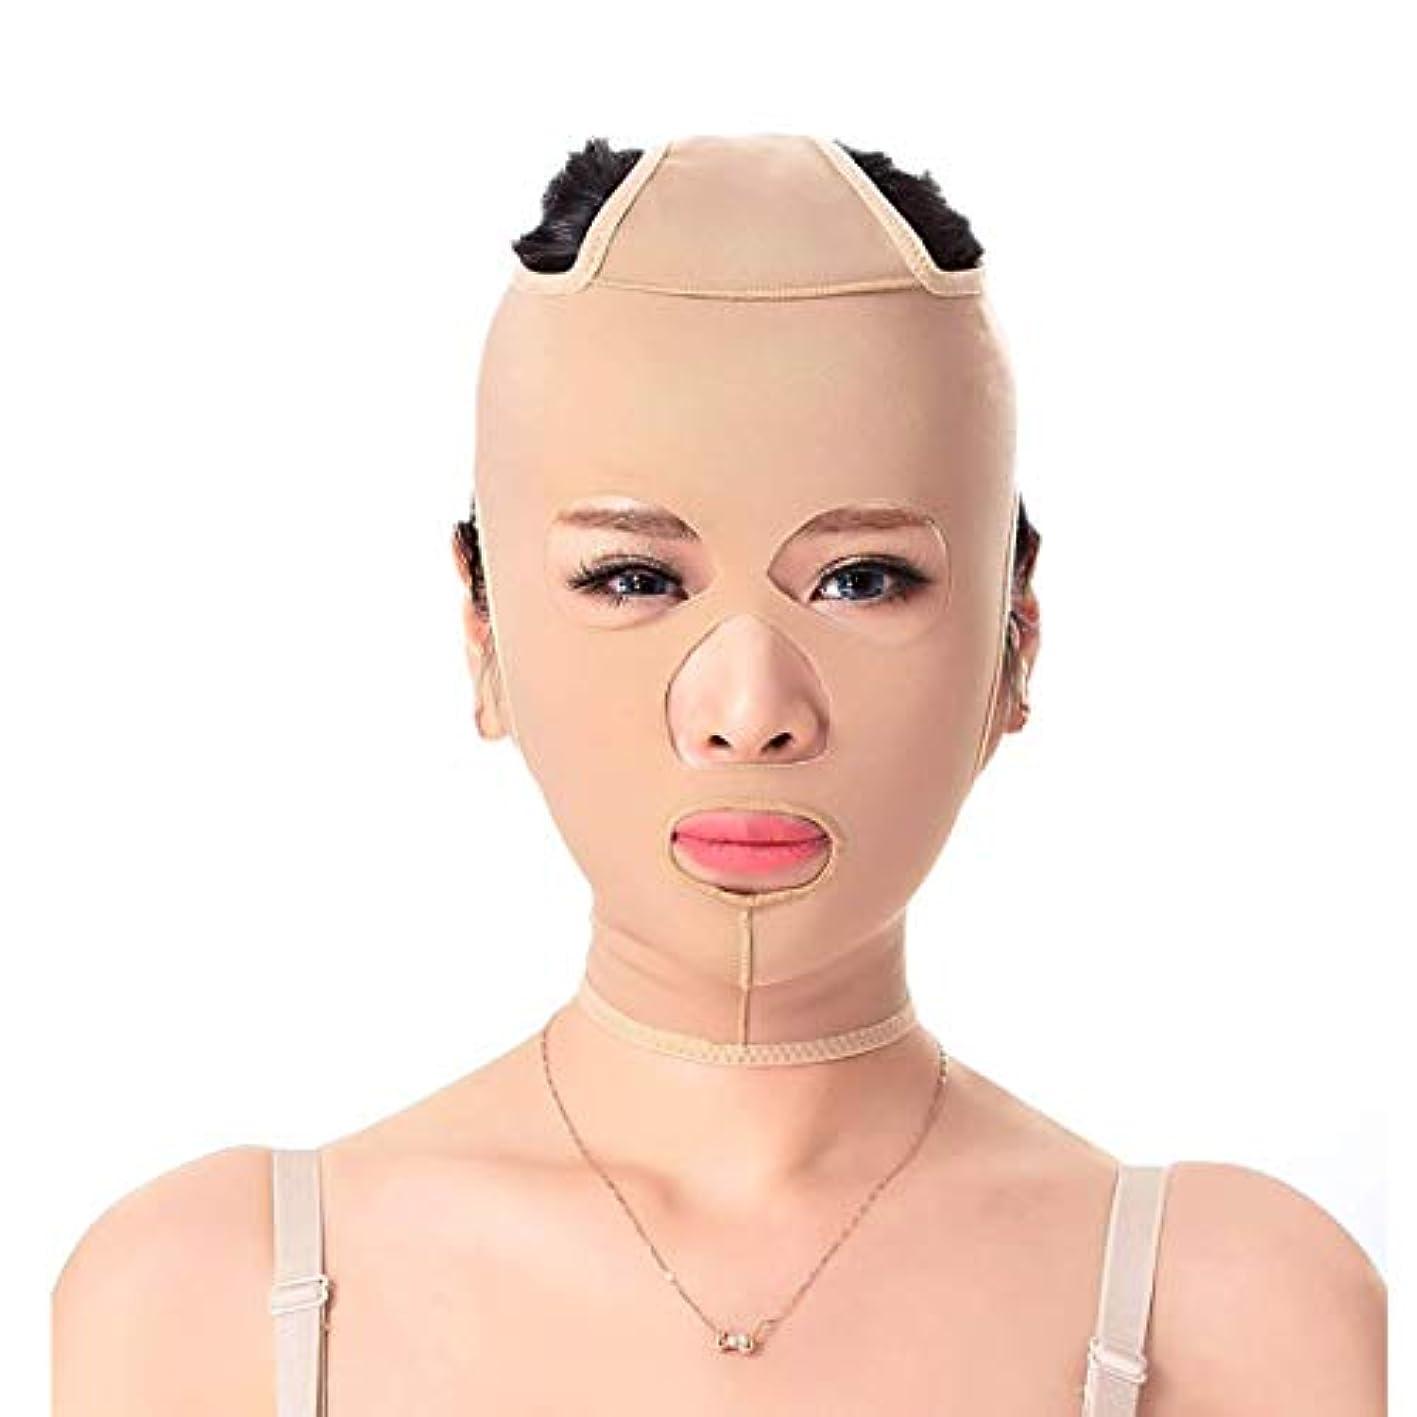 風邪をひくエゴマニアそっとスリミングベルト、二重あごの引き締め顔面プラスチック顔アーティファクト強力な顔の包帯を脇に持ち上げるパターンを欺くためのフェイシャルマスク薄いフェイスマスク(サイズ:XXL),Xl